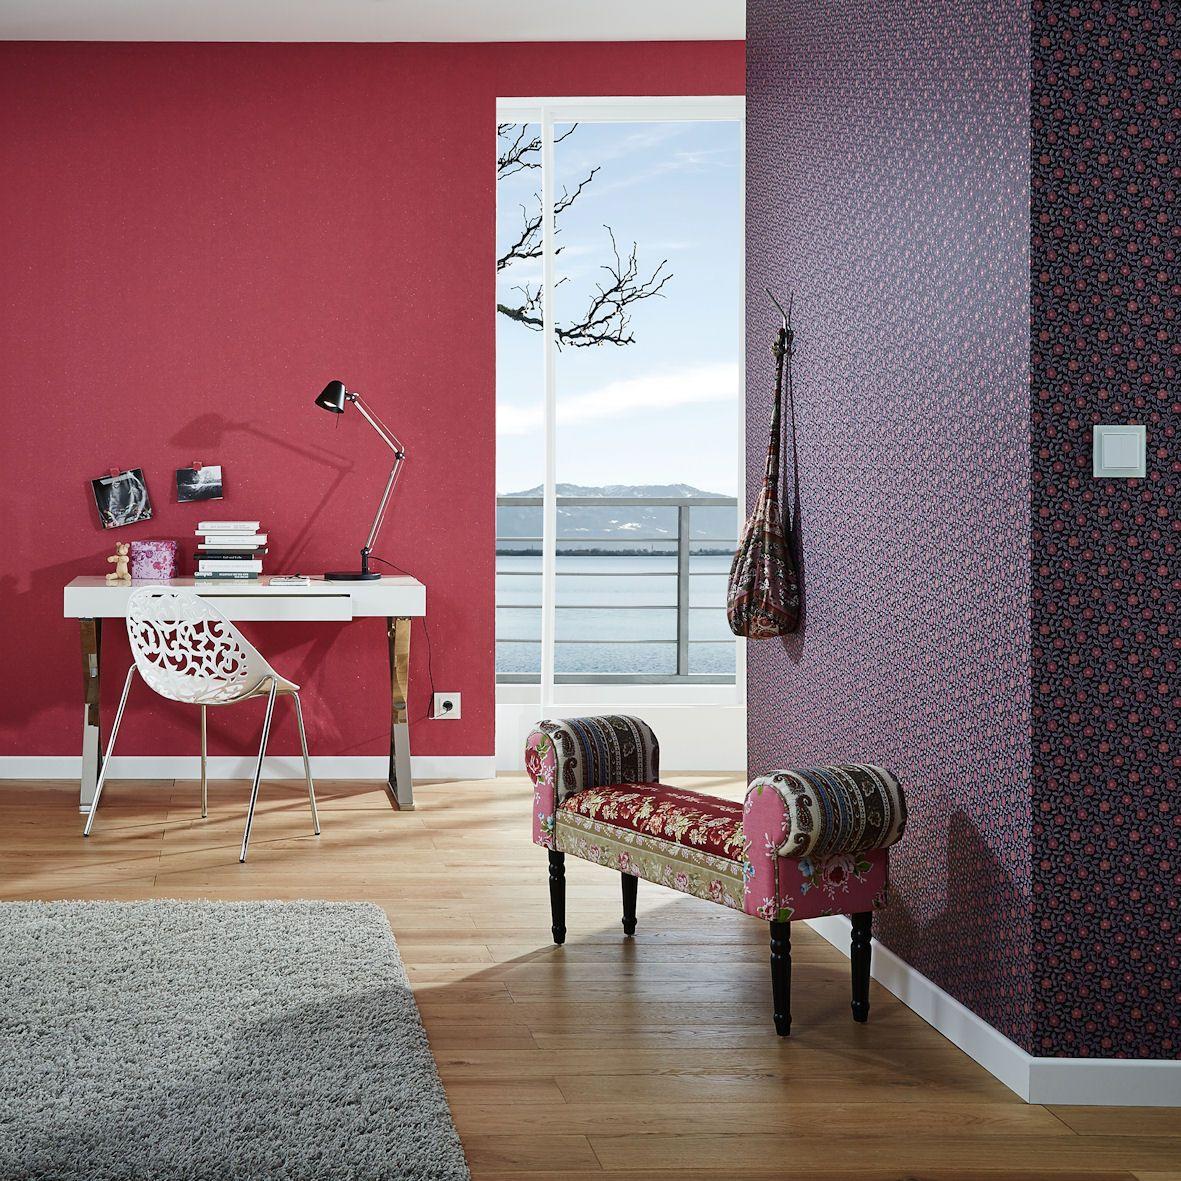 Iberia pisos importados pisos ceramicos ceramica tapiz for Ceramicas para banos